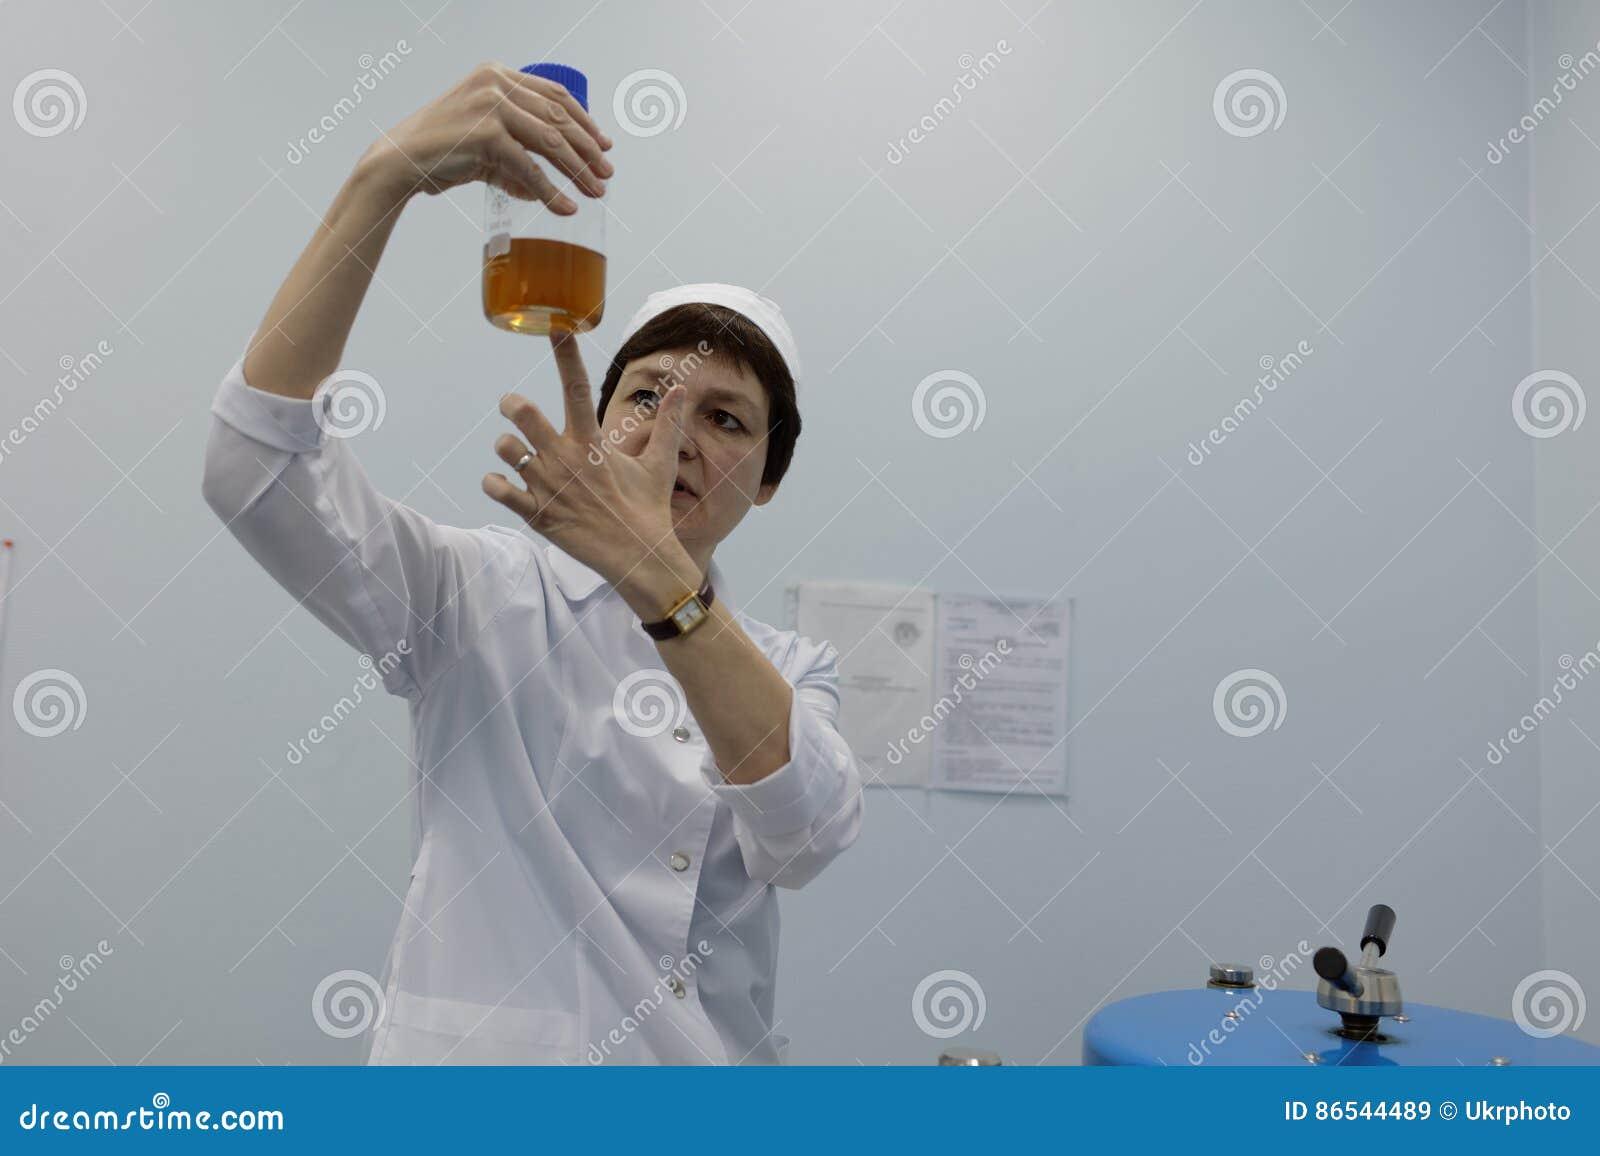 L analyste de l entreprise produit-biologique Vita fait un essai